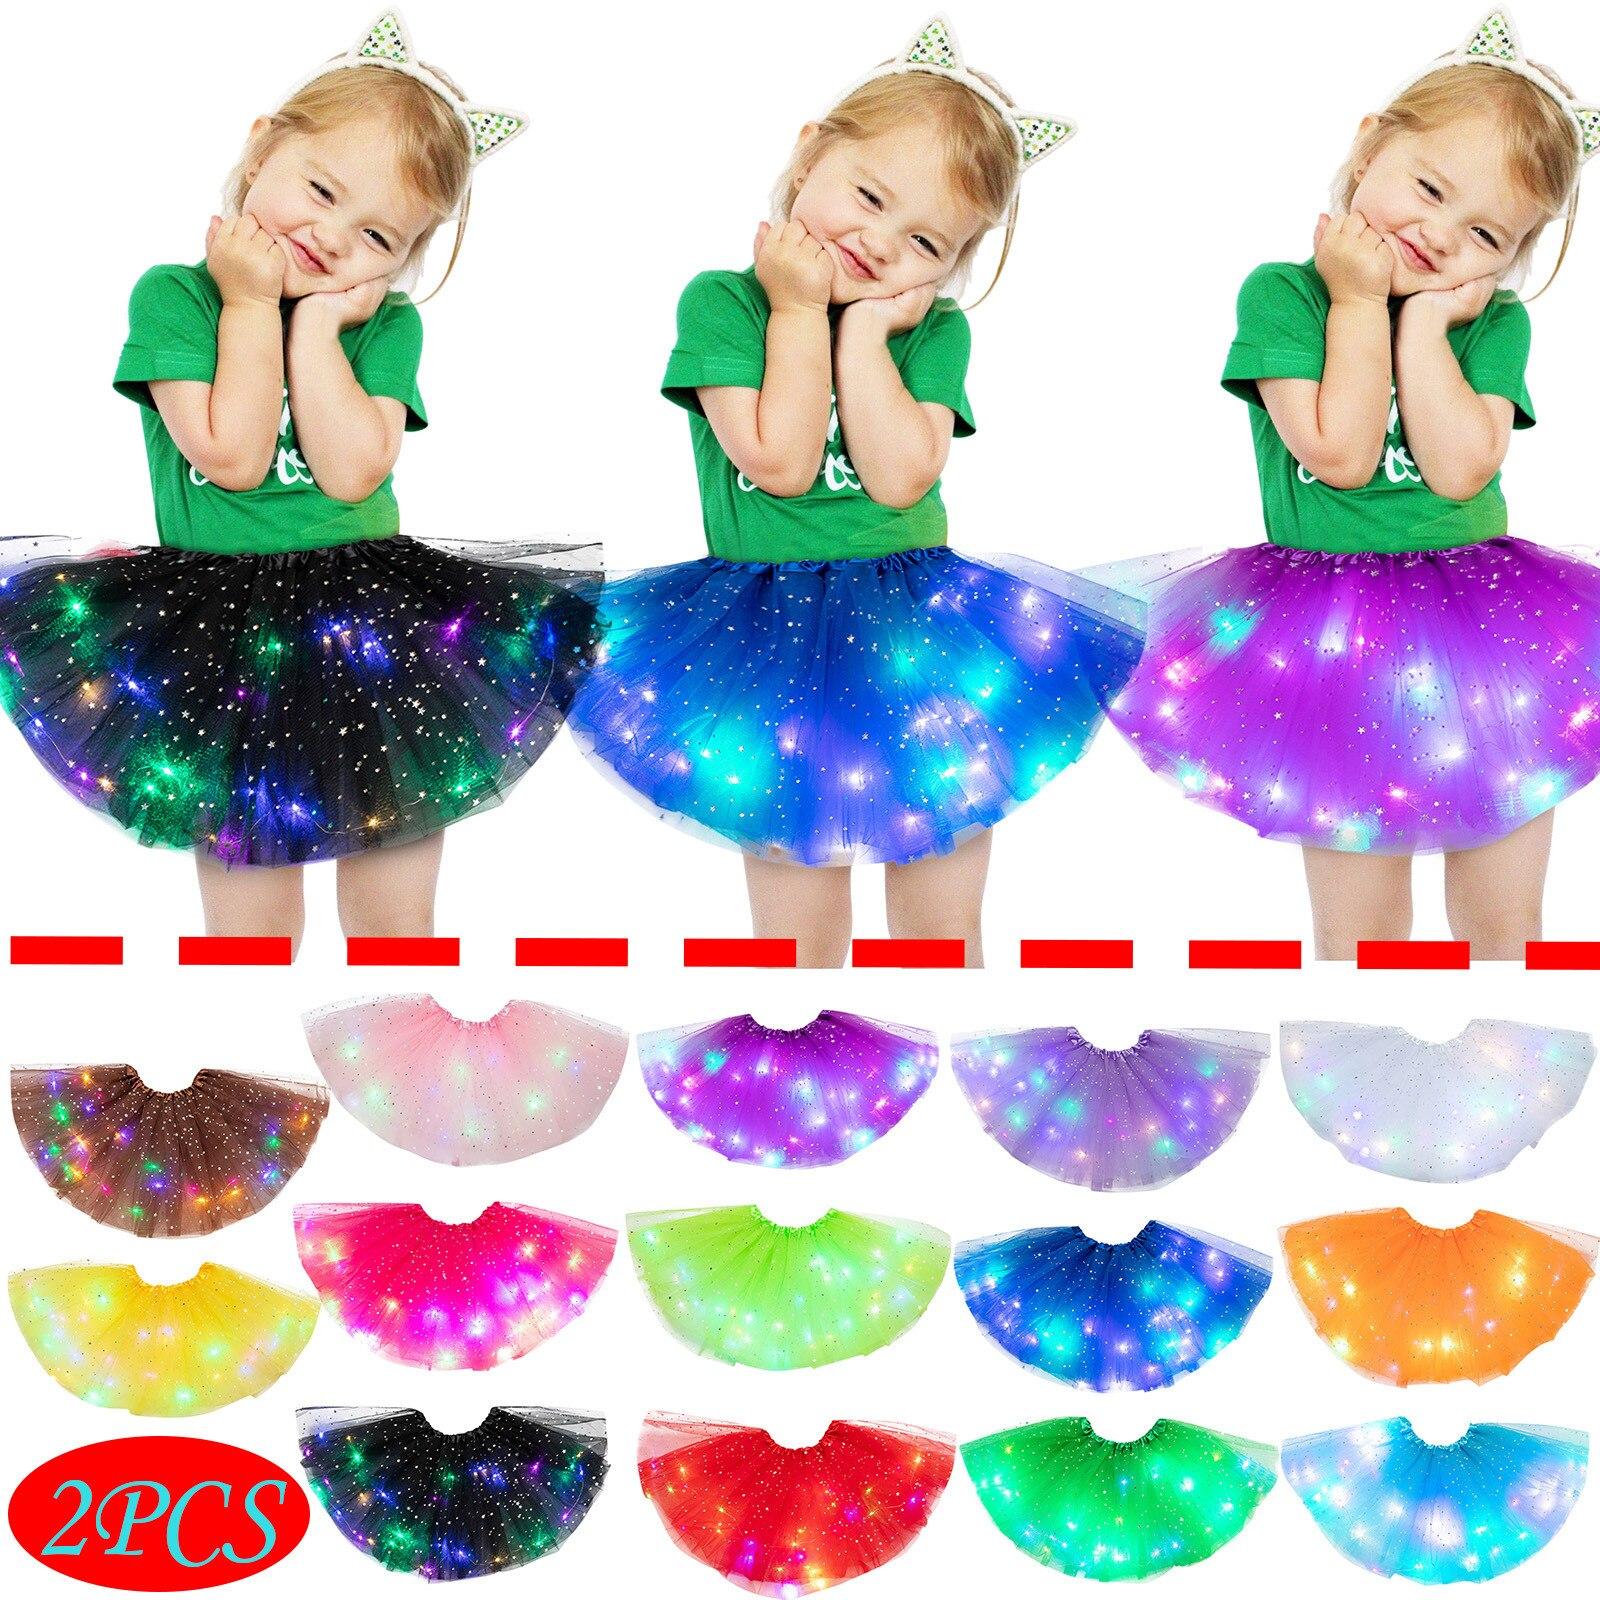 Юбка-пачка для девочек, 2 шт., светодиодная светящаяся детская юбка с блестками для девочек, светодиодная подсветильник ка, балетная одежда